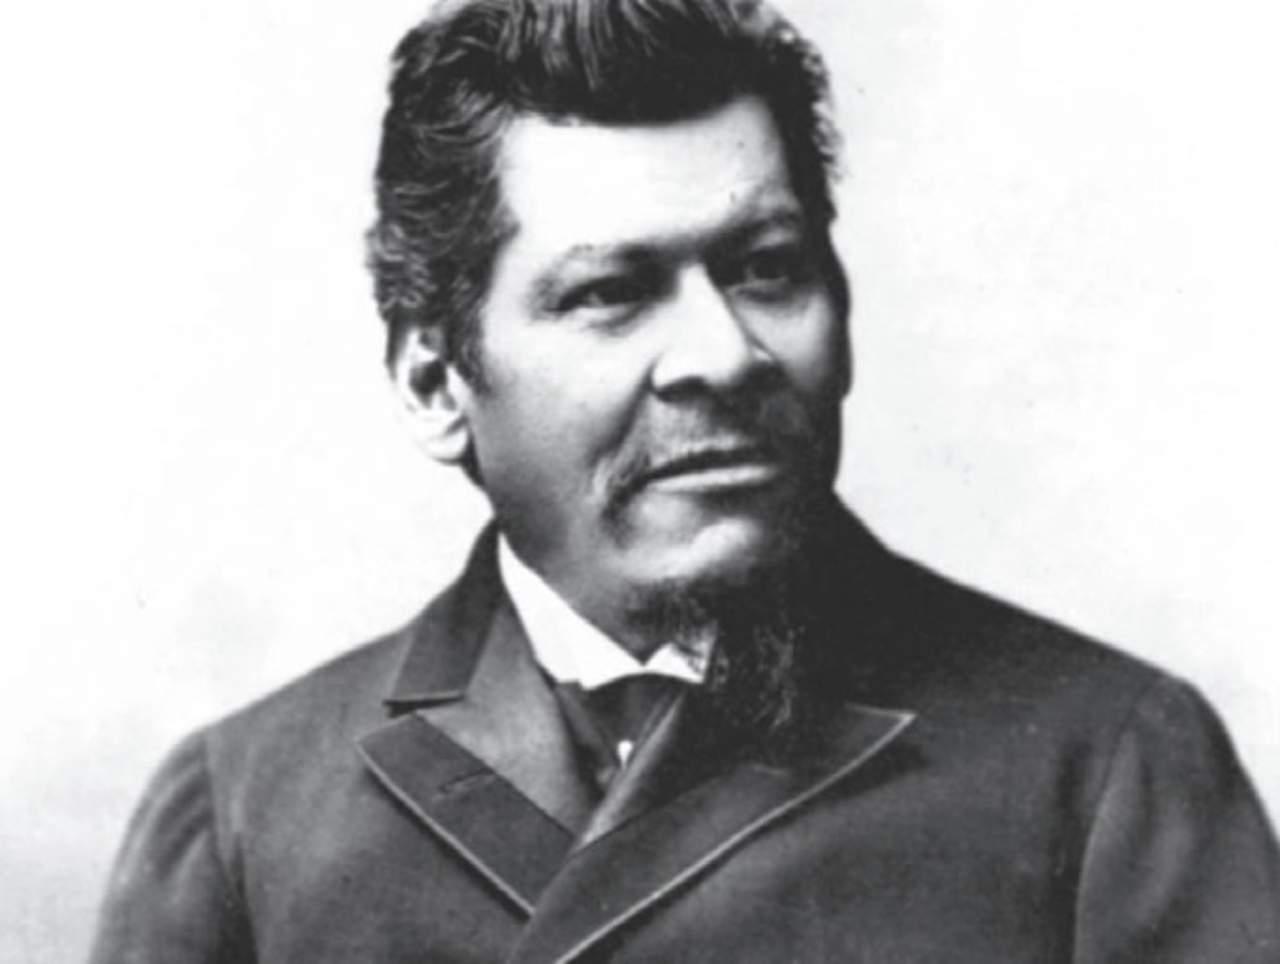 1893: Da su último respiro Ignacio Manuel Altamirano, escritor, periodista, maestro y político mexicano